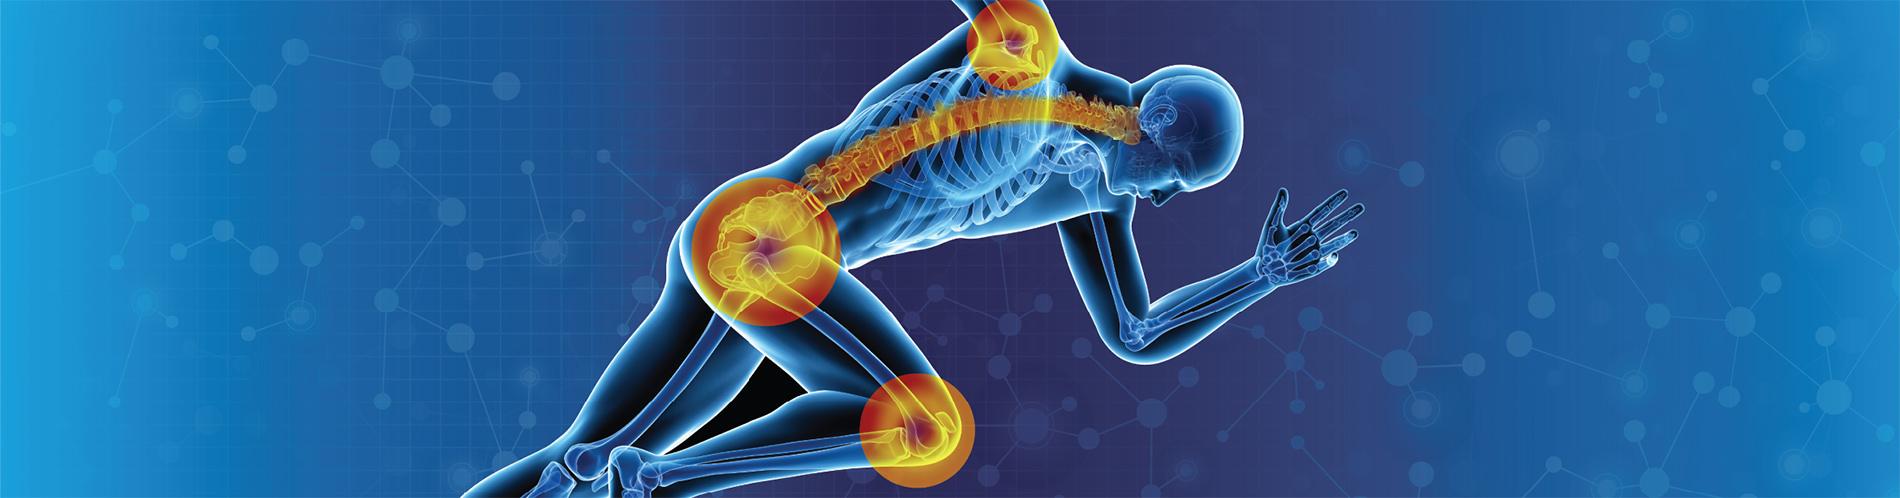 Ortopedik Medikal Ürünlerde En doğru Seçim